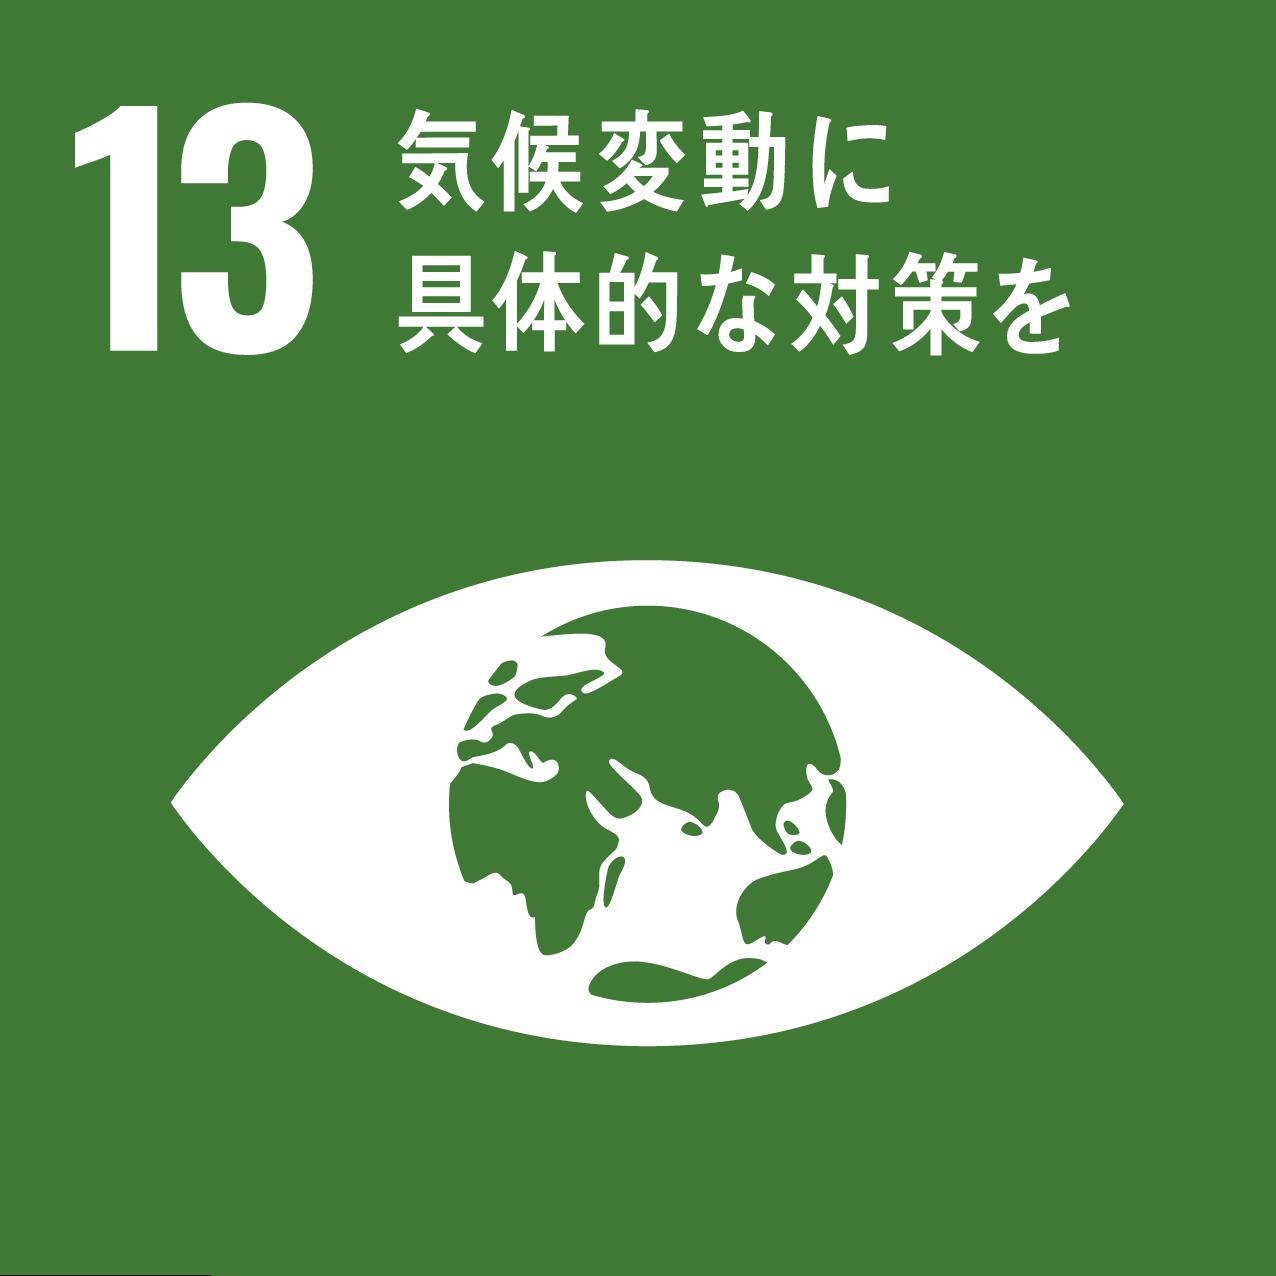 13: 気候変動に具体的な対策を